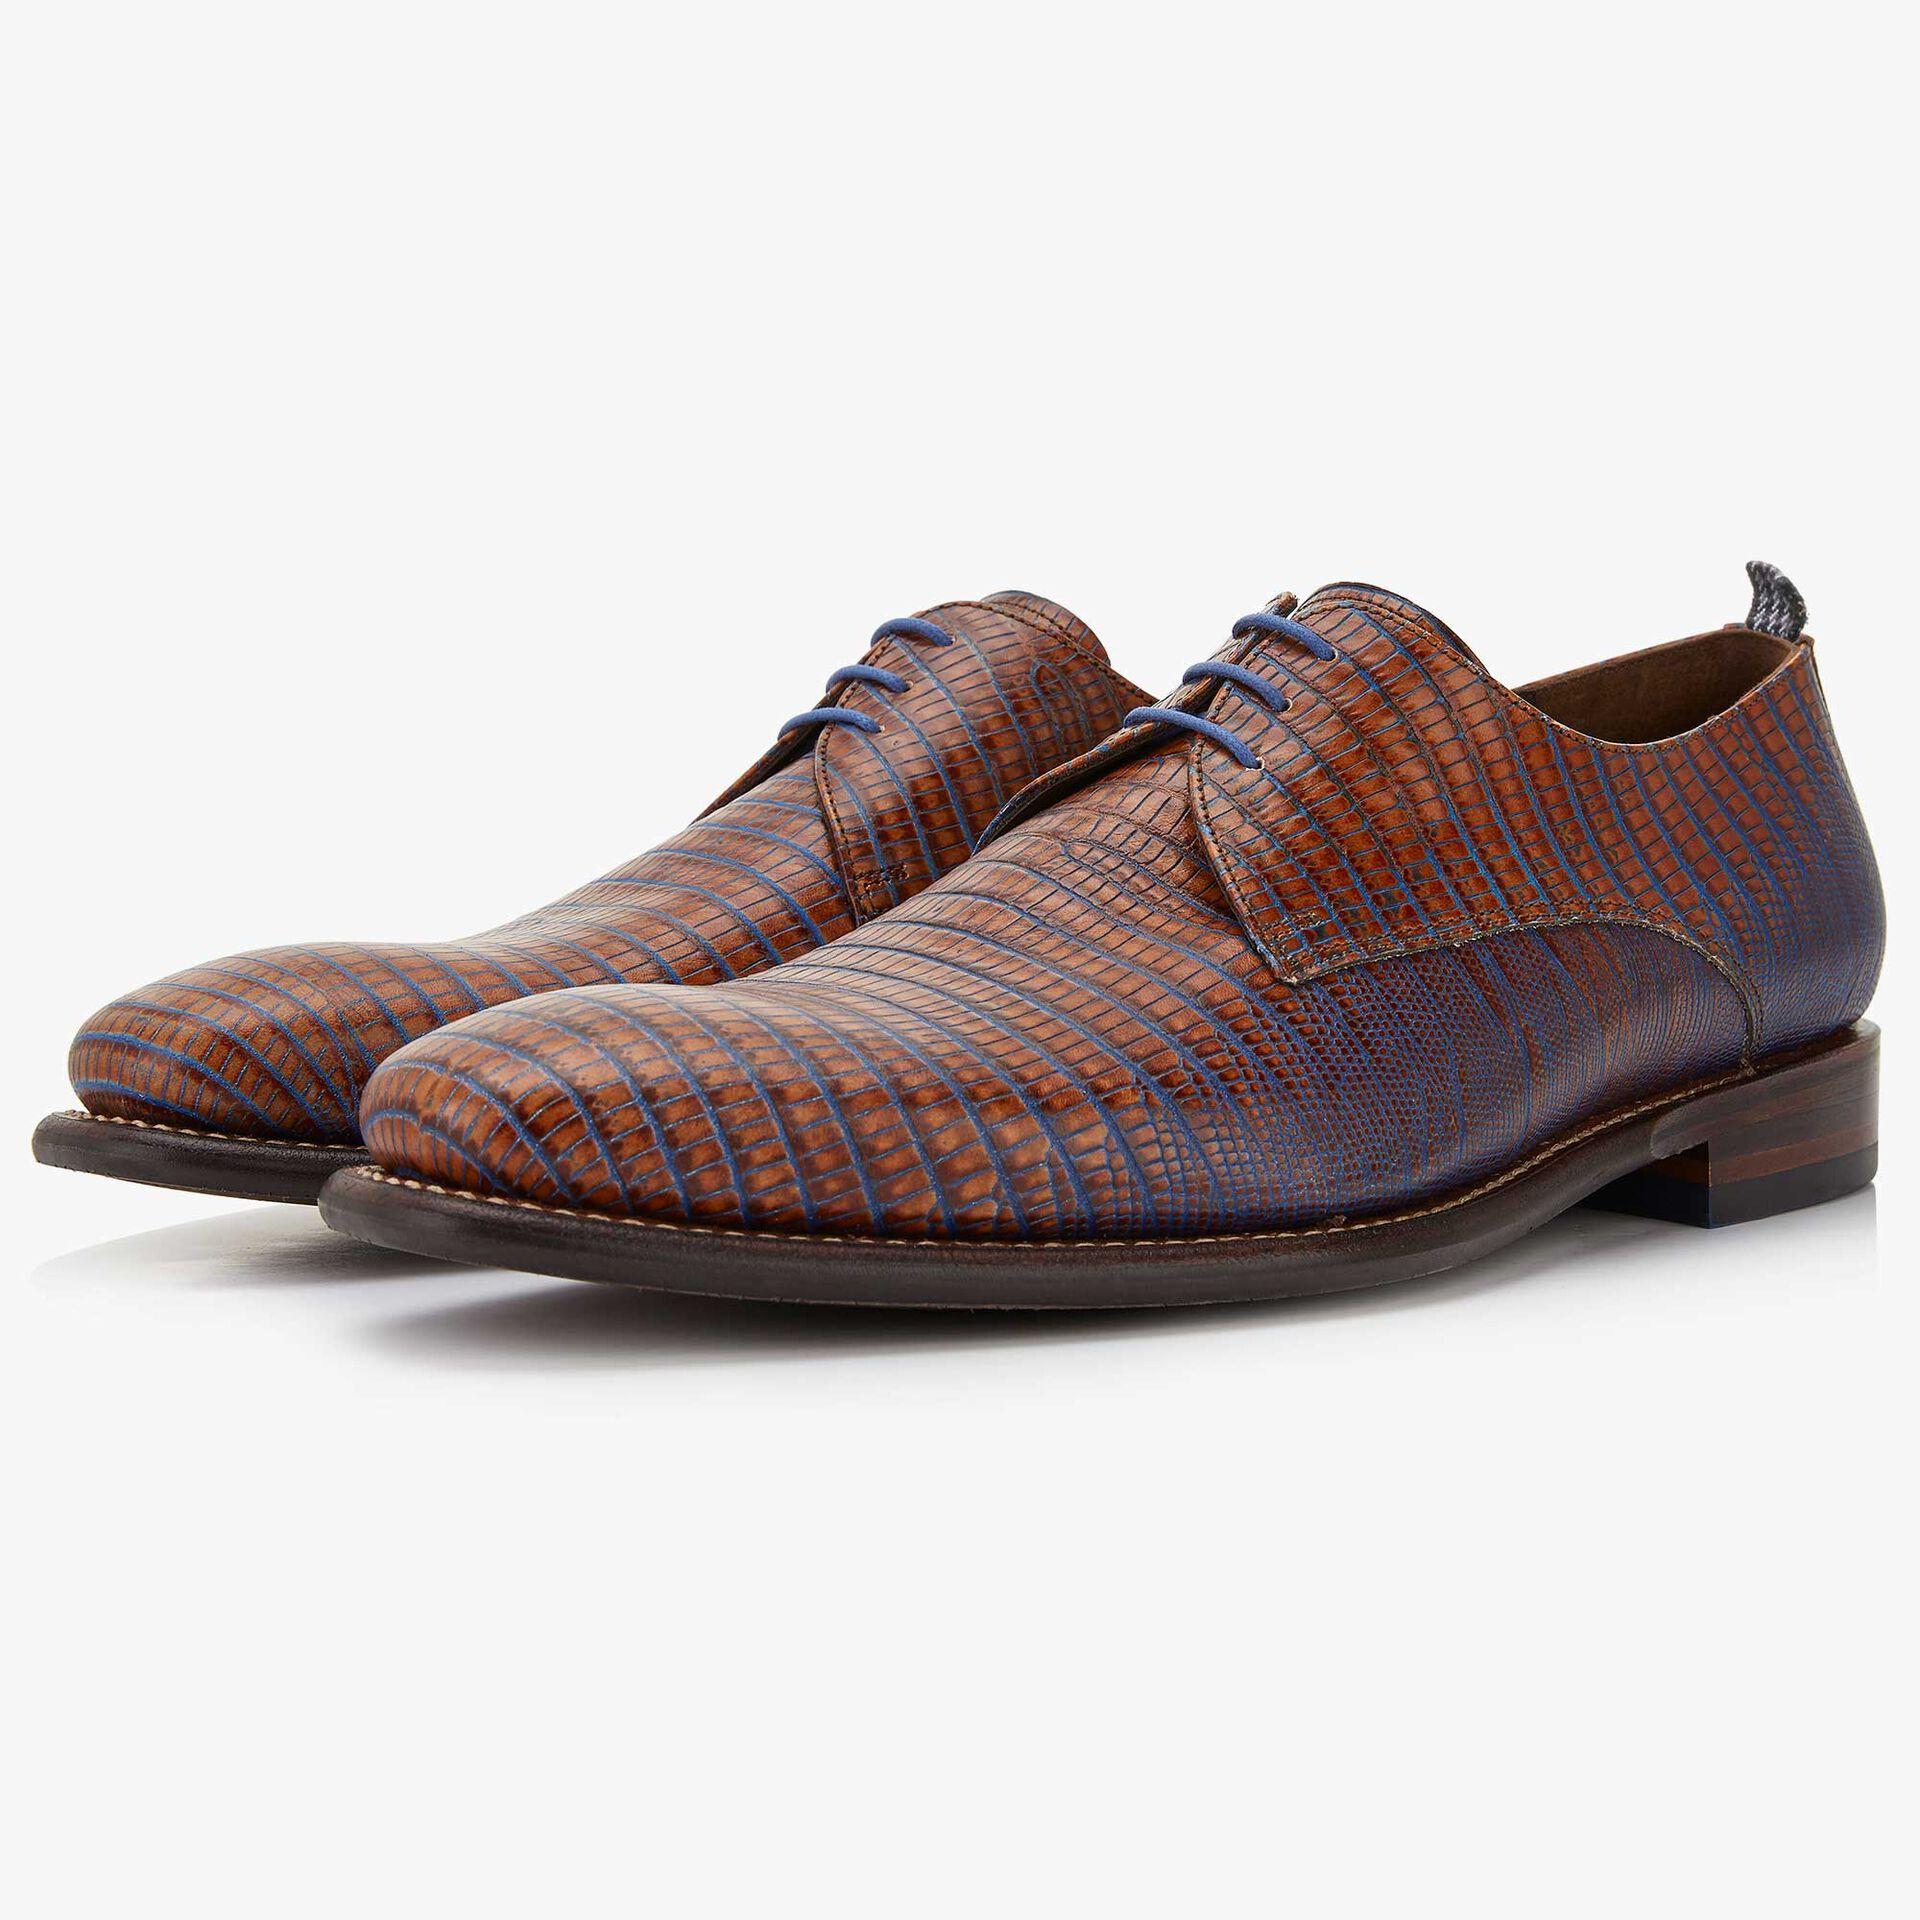 Floris van Bommel men's cognac-coloured leather lace shoe finished with a lizard print